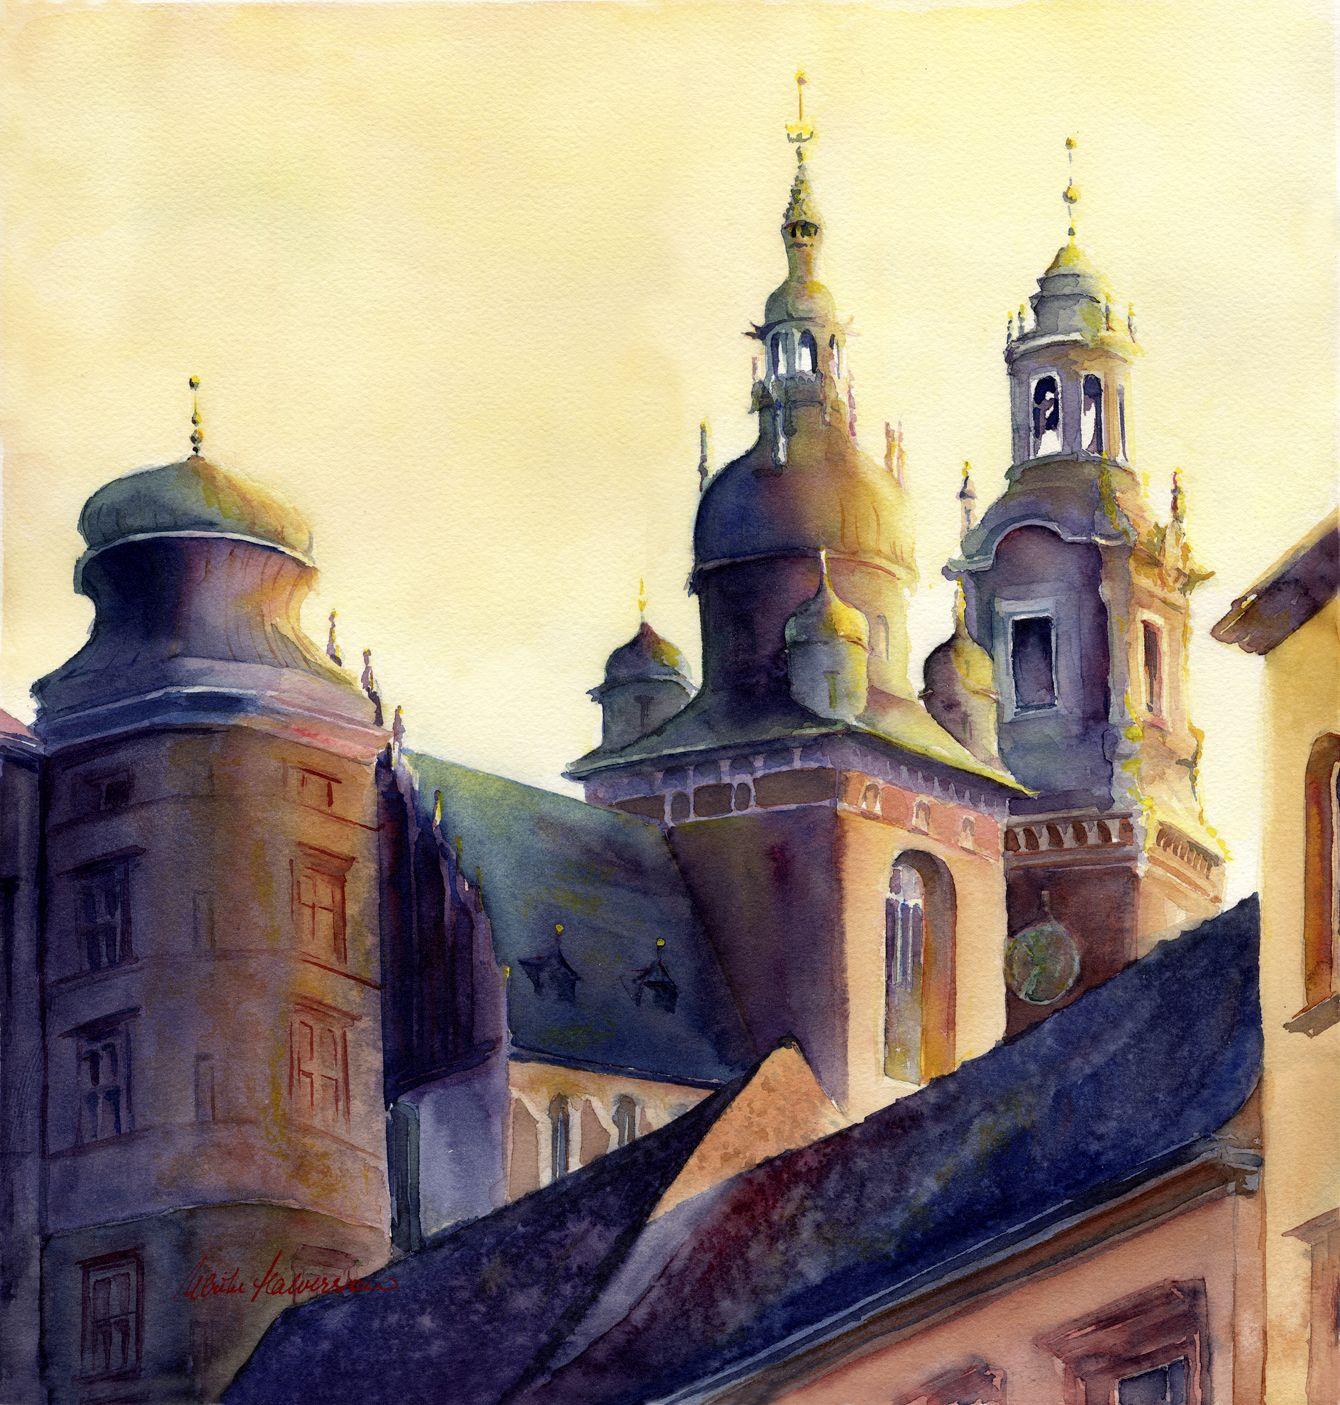 The Splendor of Krakow